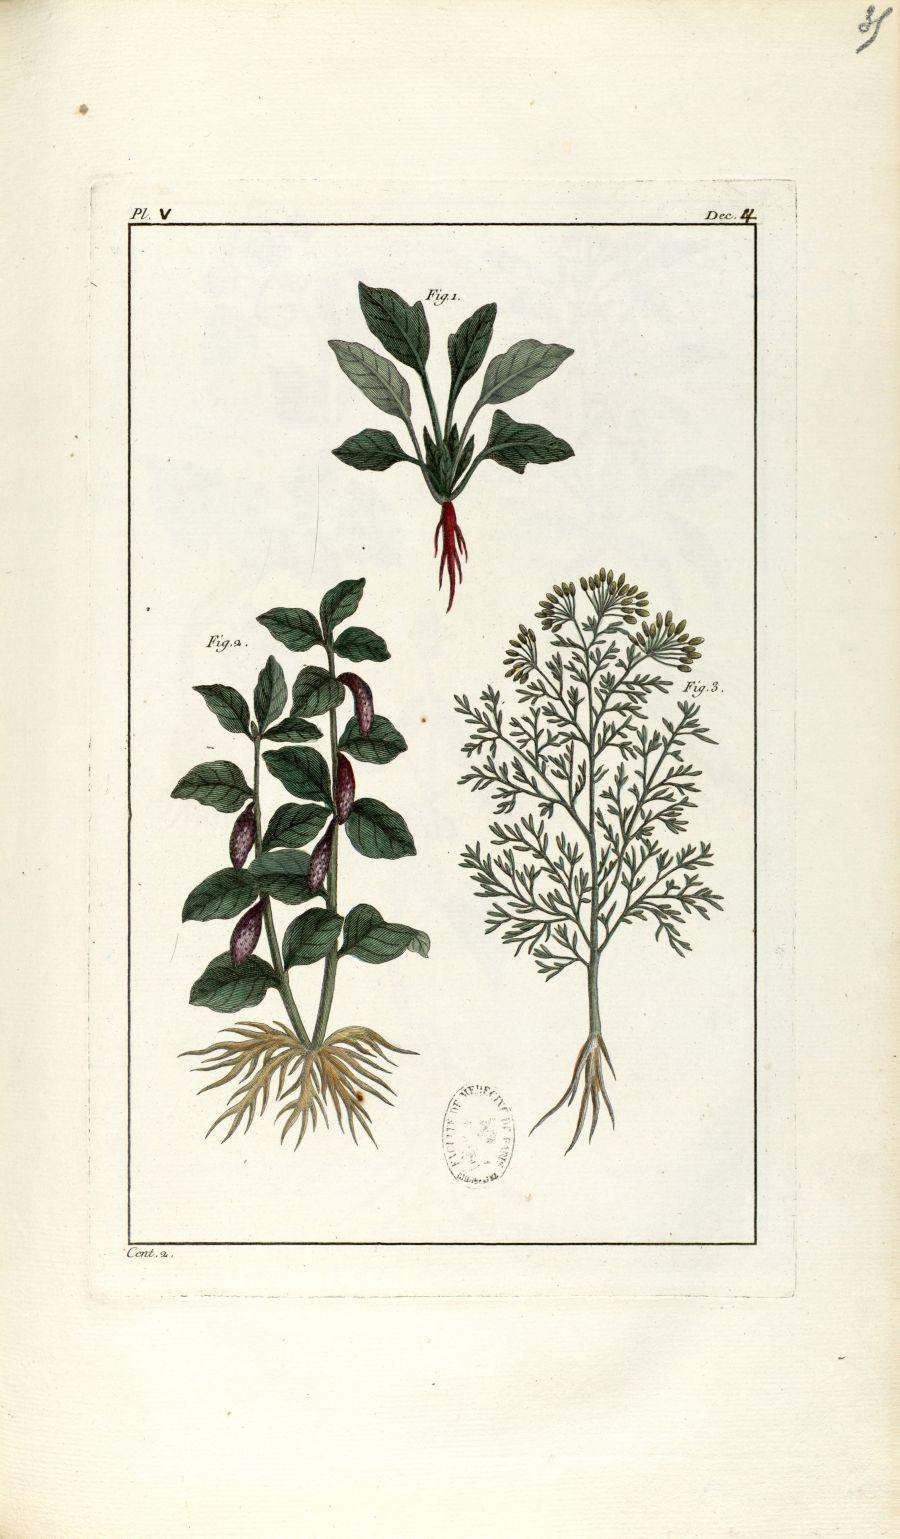 Planche V. Dec. 4. Cent. 2 - Herbier ou collection des plantes médicinales de la Chine d'après un ma [...] - Botanique. Plantes (médecine). Chine. 18e siècle - med01989x0038